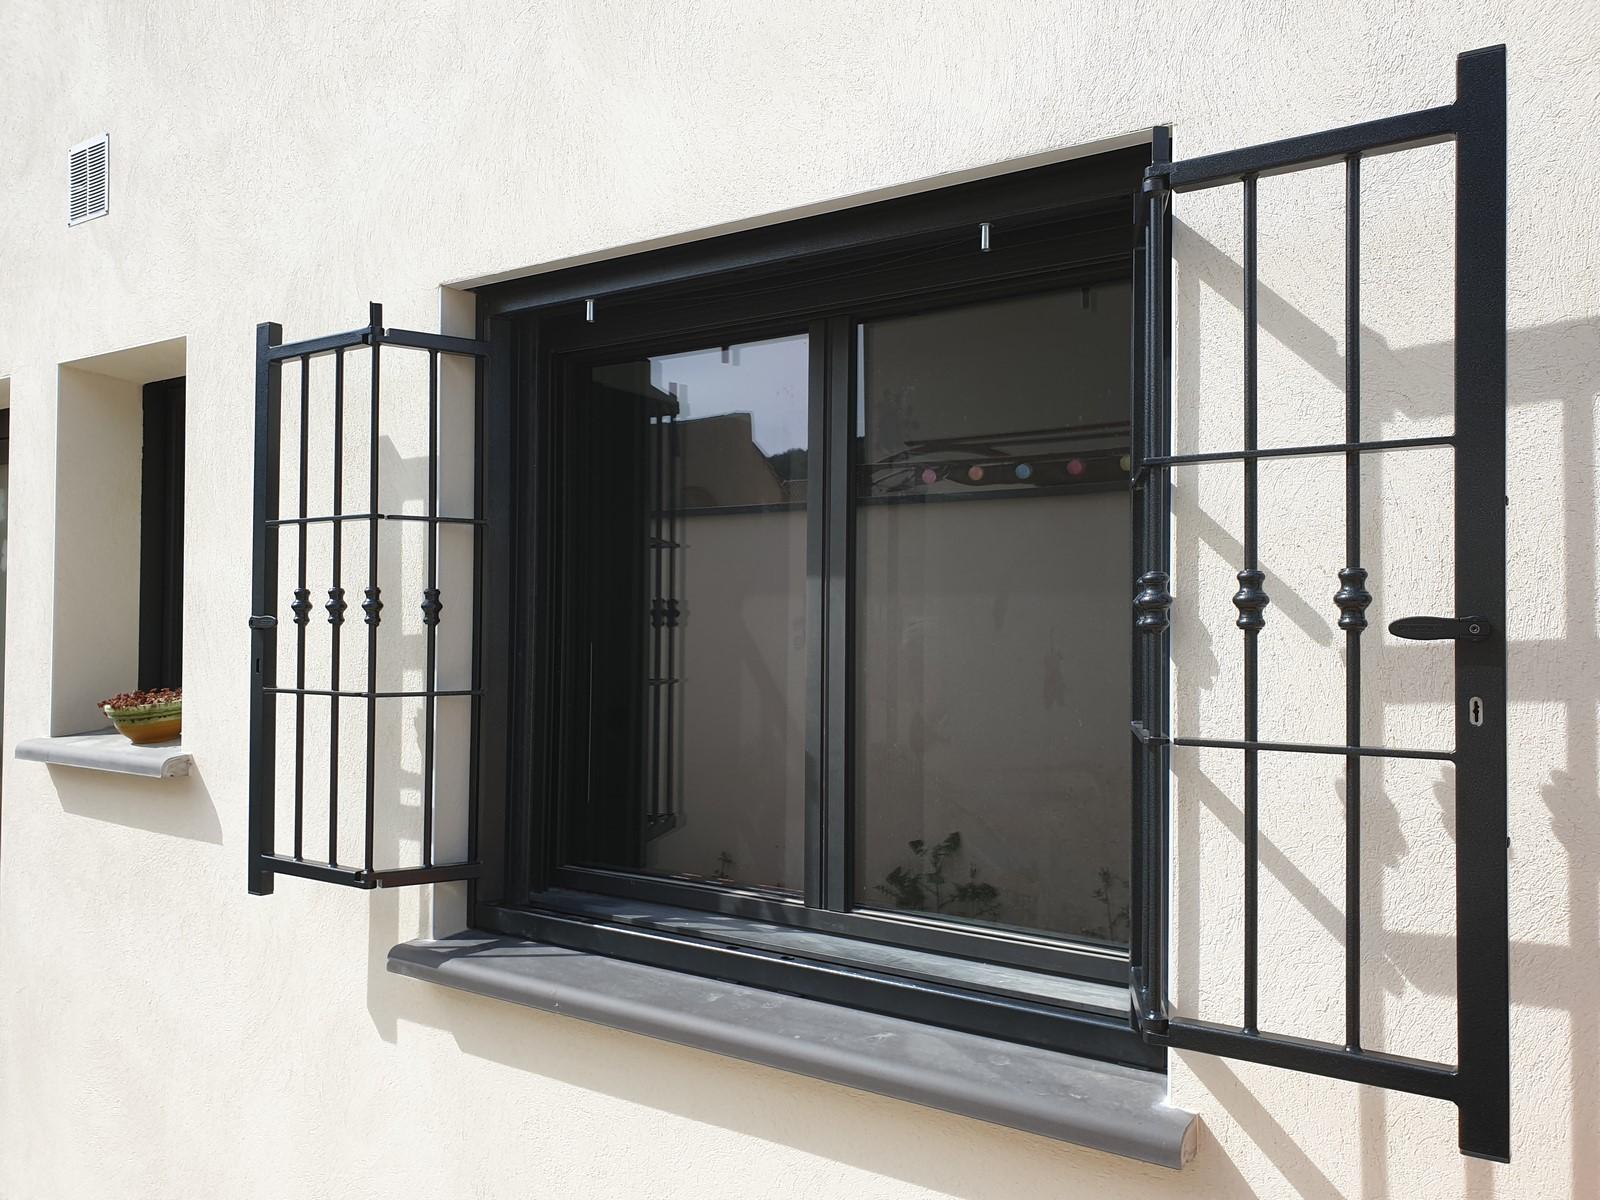 Barres de Fenêtre Grille Protection contre le Cambriolage Extensible